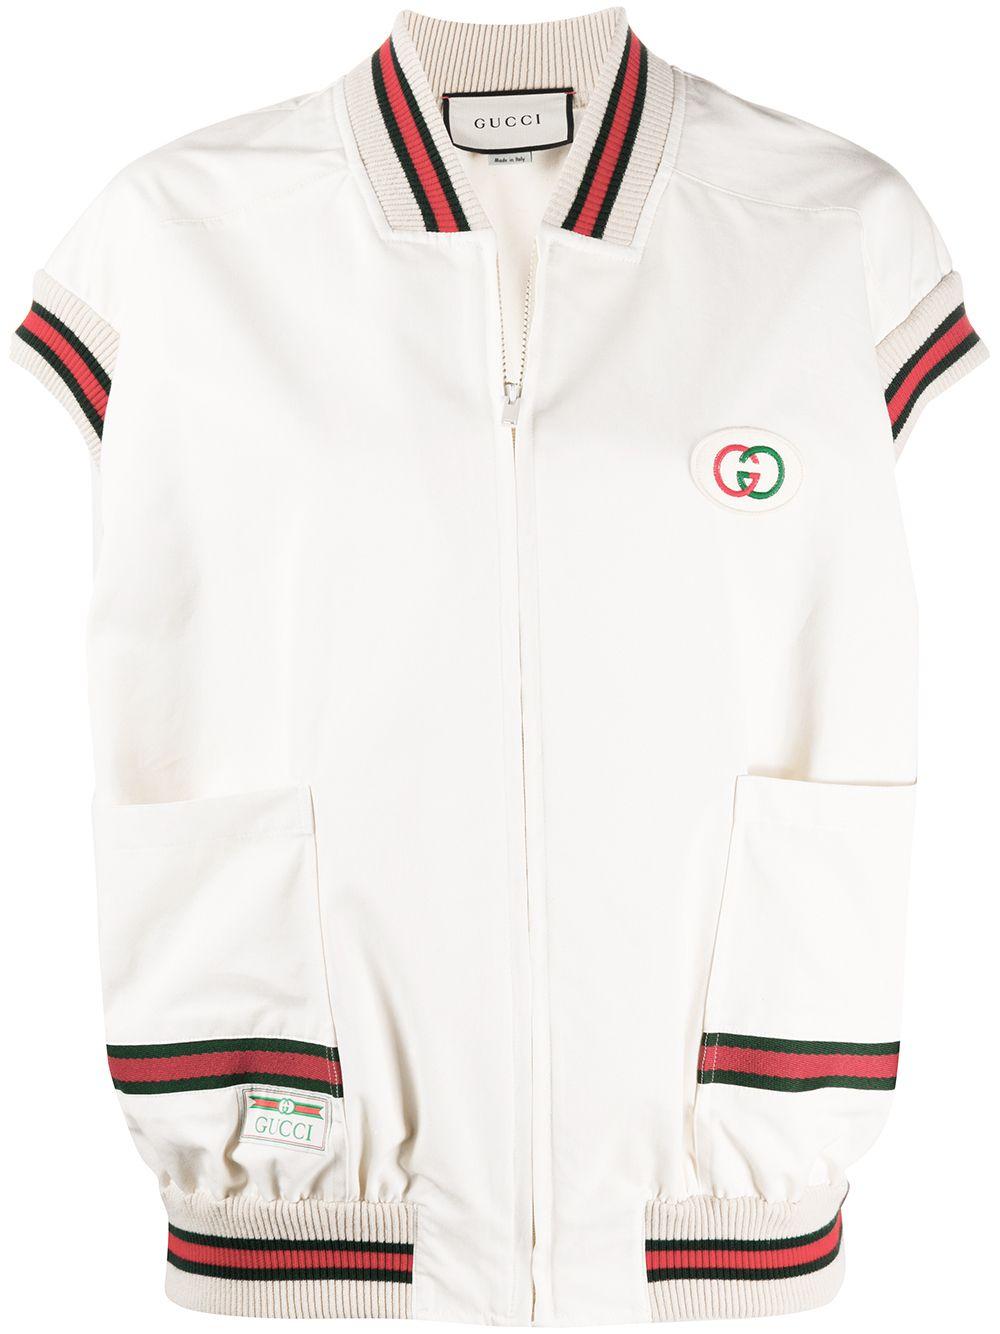 Gilet bianco con zip e bordini in stampa Web rosso/verde GUCCI | Gilet | 605591-XJCBW9381